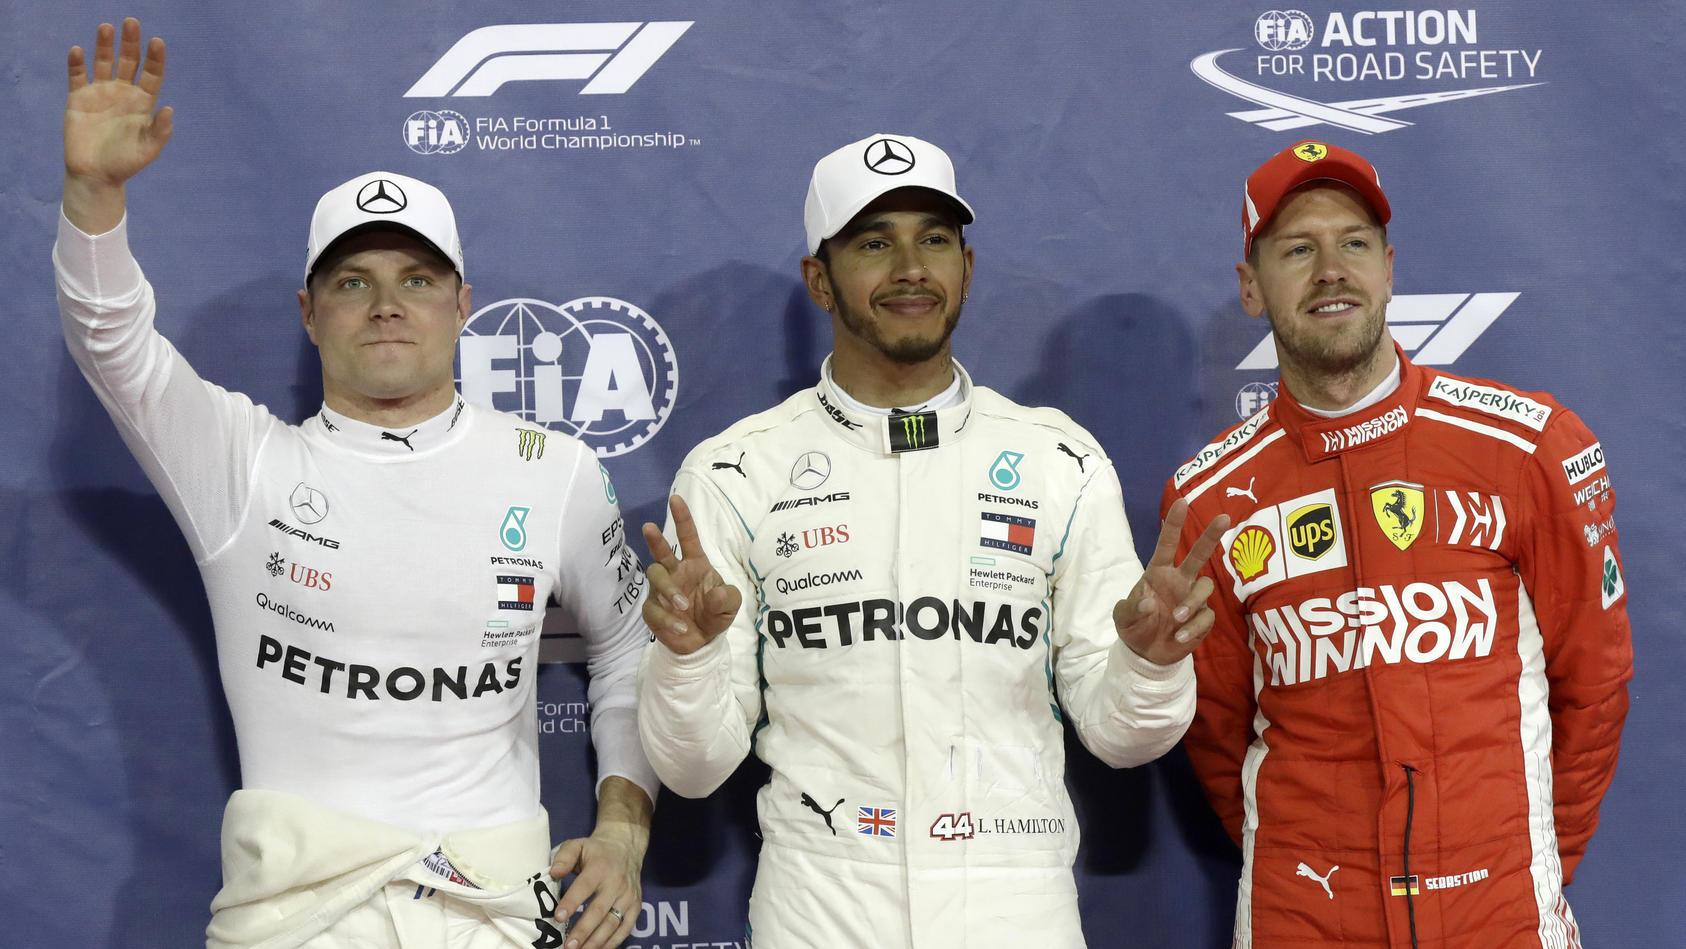 Die ersten Drei des Qualifyings in Abu Dhabi (v.l.): Valtteri Bottas (2.), Lewis Hamilton (1.) und Sebastian Vettel (3.)